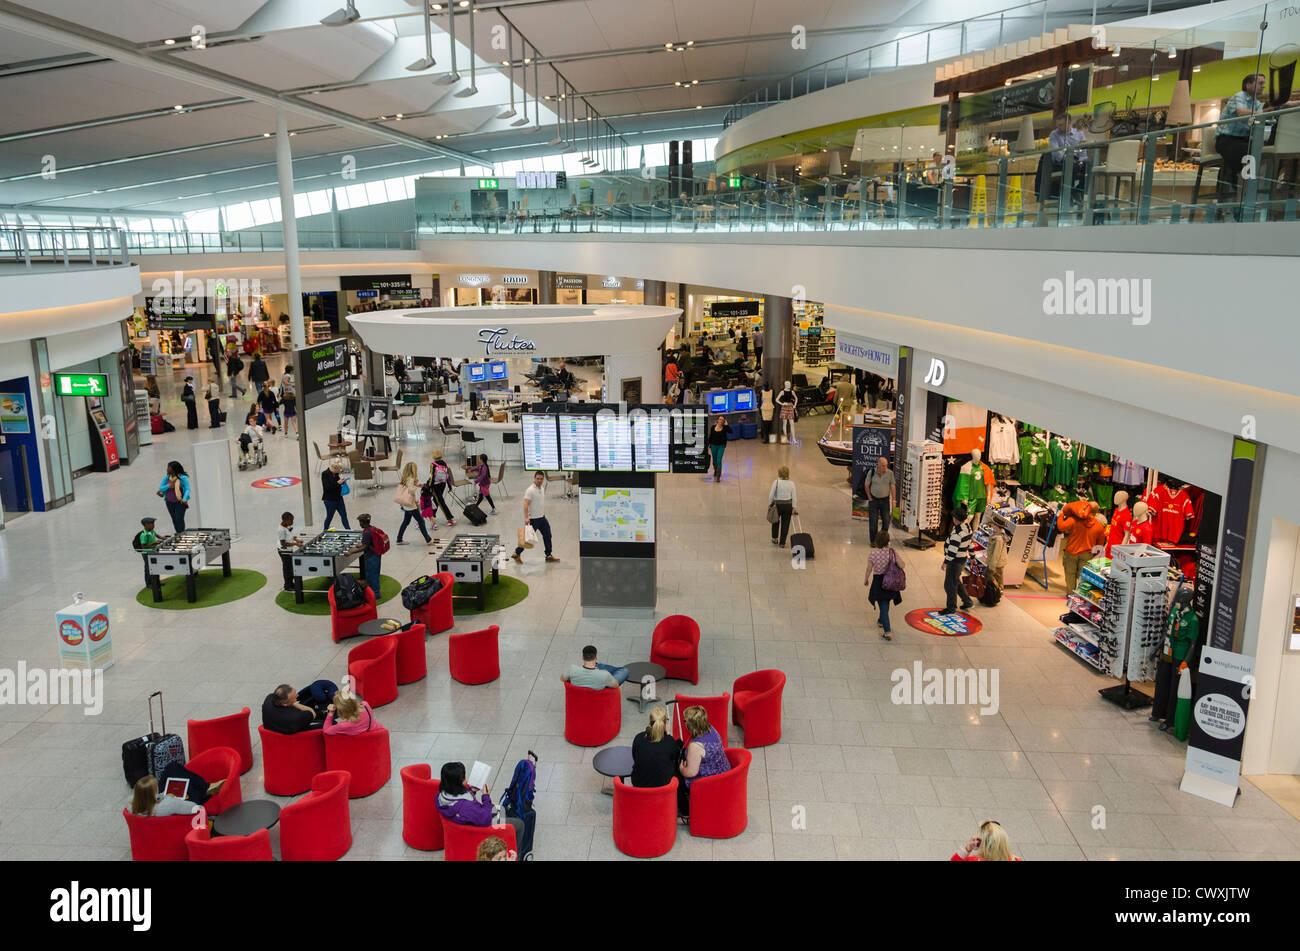 Área de salidas del aeropuerto, en la Terminal 2, el aeropuerto de Dublín, Irlanda Imagen De Stock